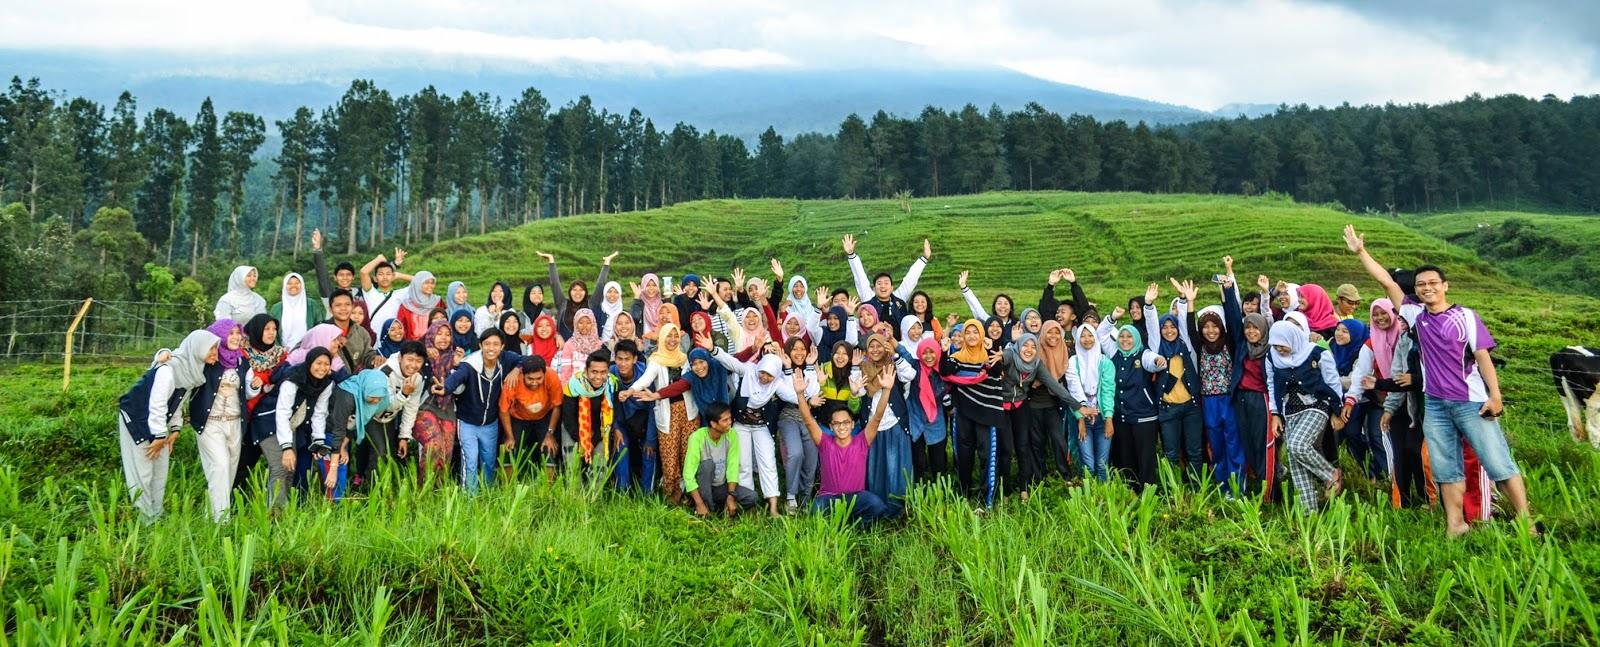 Noviani Catur Ratna Anggraeni Reflective Essay Baf Outbond Baturraden Adventure